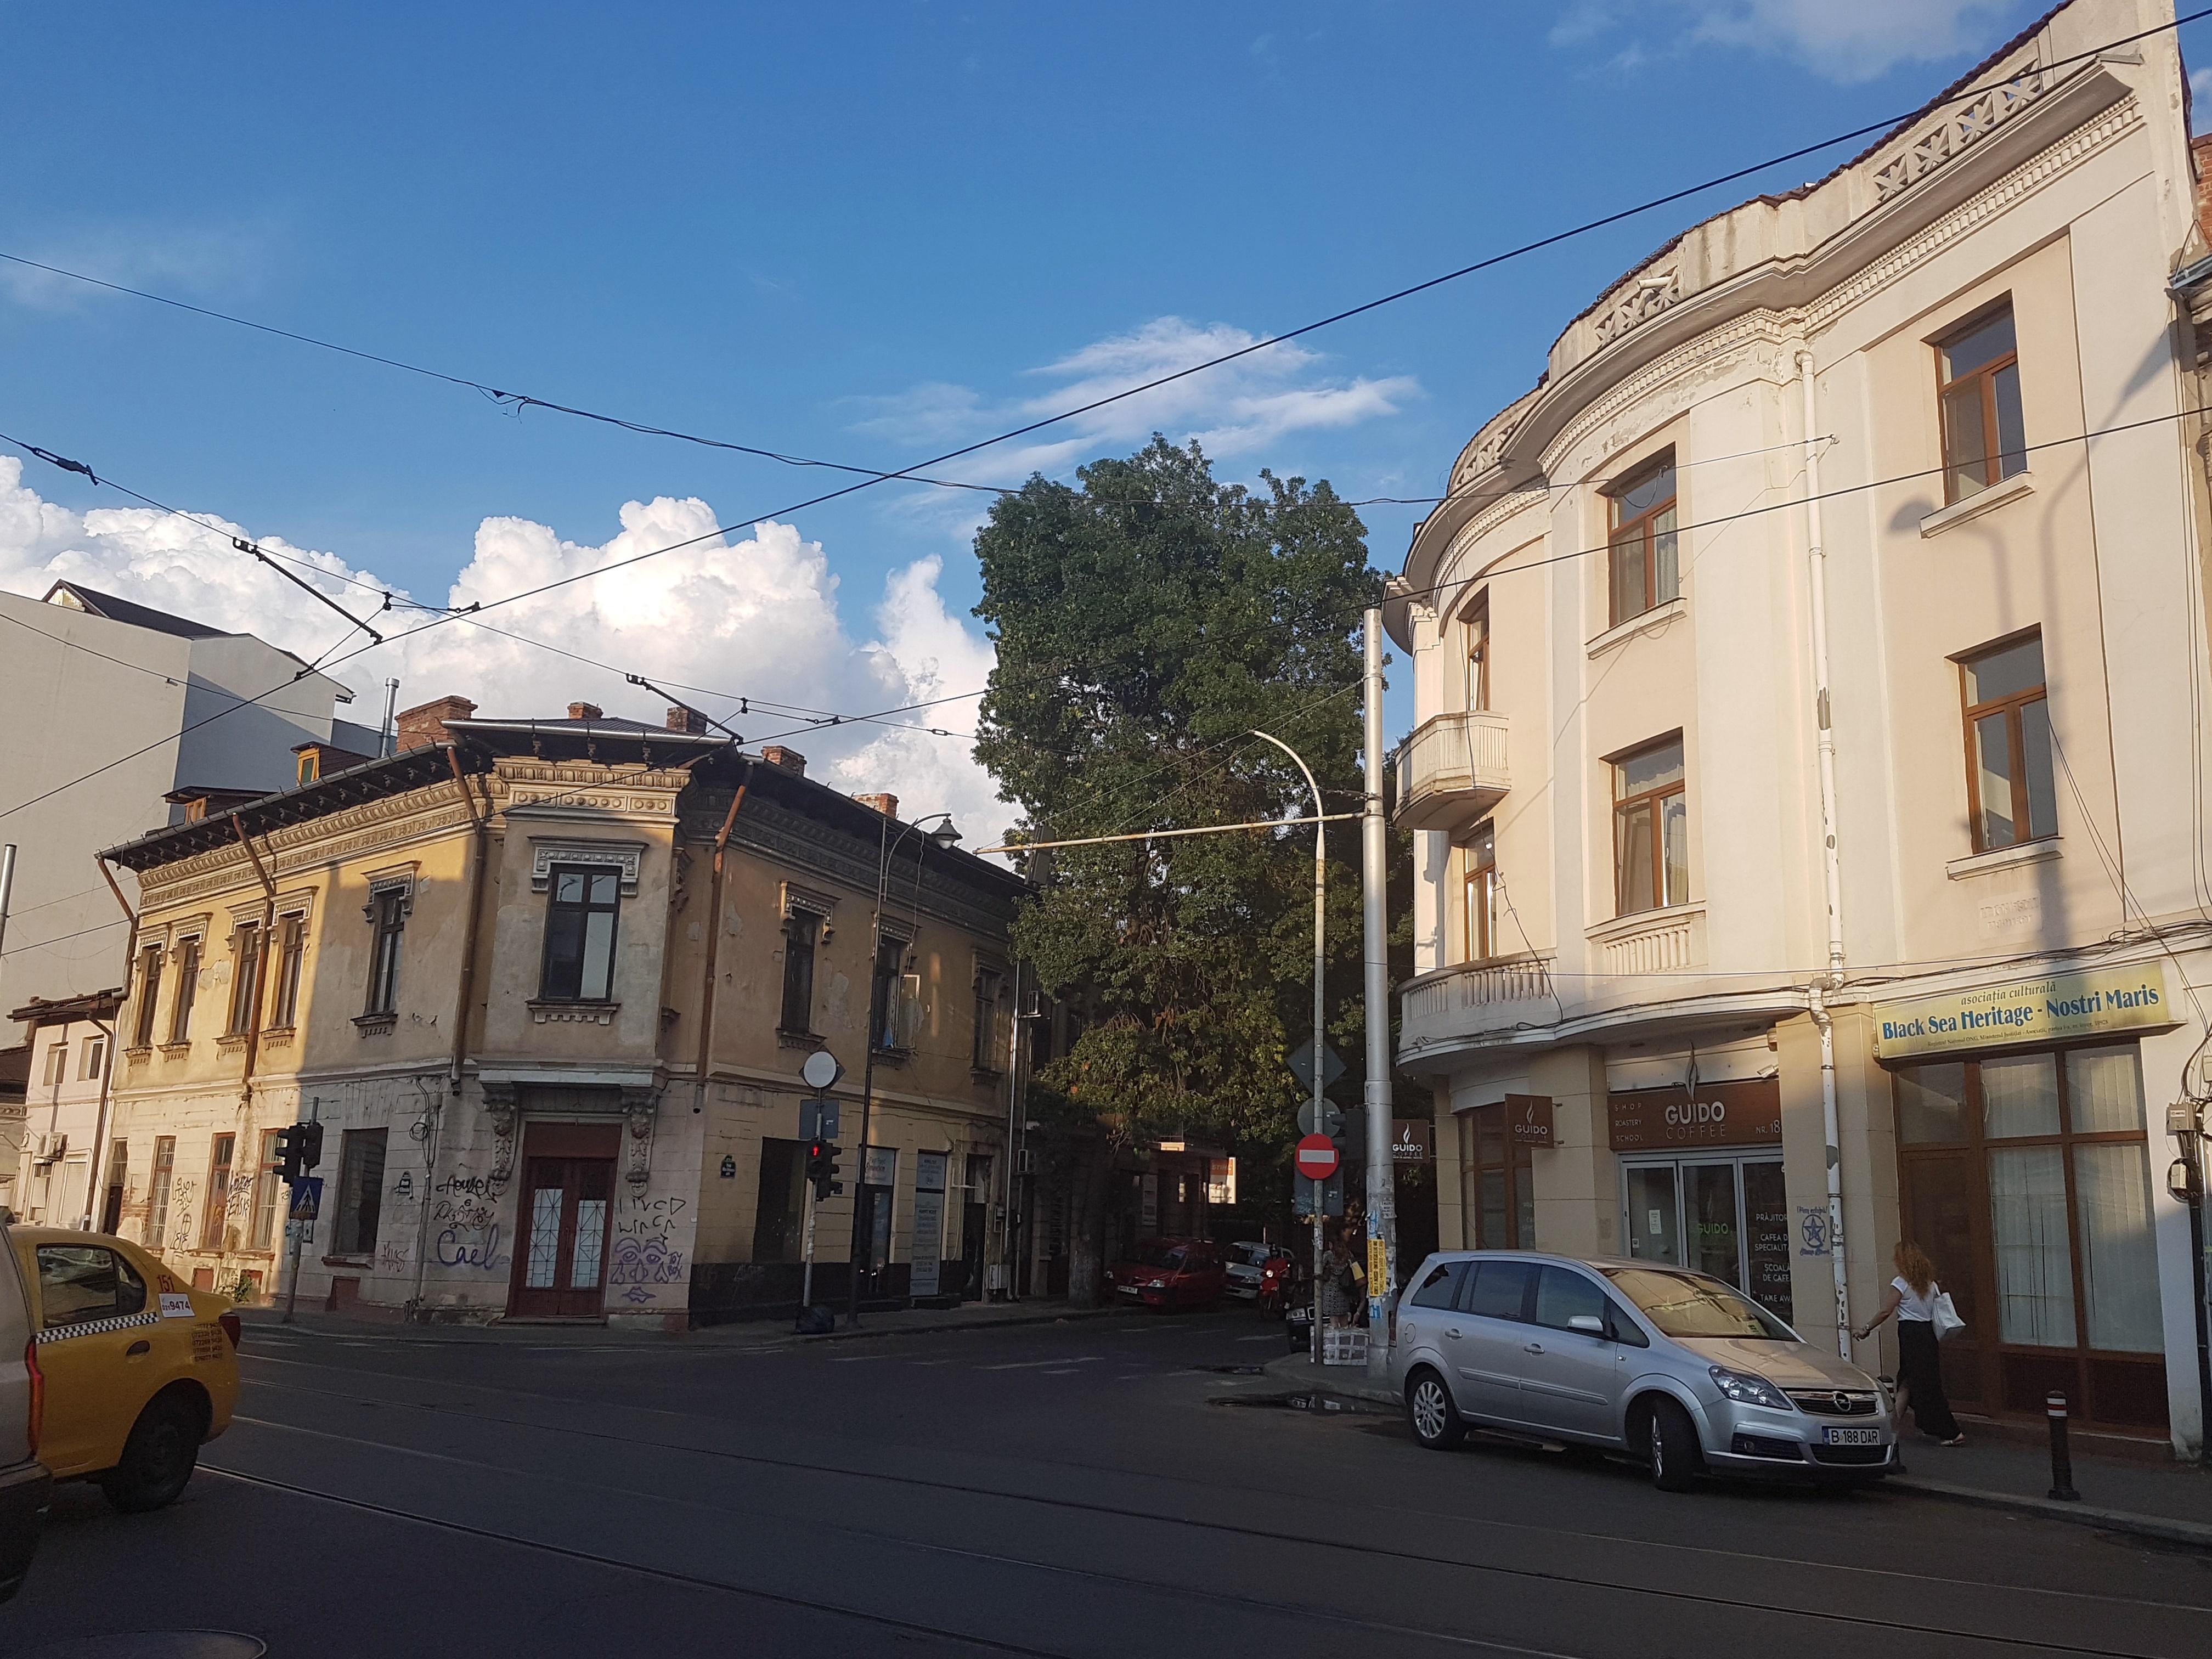 Un bloc cu patru etaje ar putea apărea în zona protejată Mihai Eminescu, vizavi de casa Henrieta Delavrancea, monument istoric. Cum a fost distrusă zona în ultimii 15 ani 30